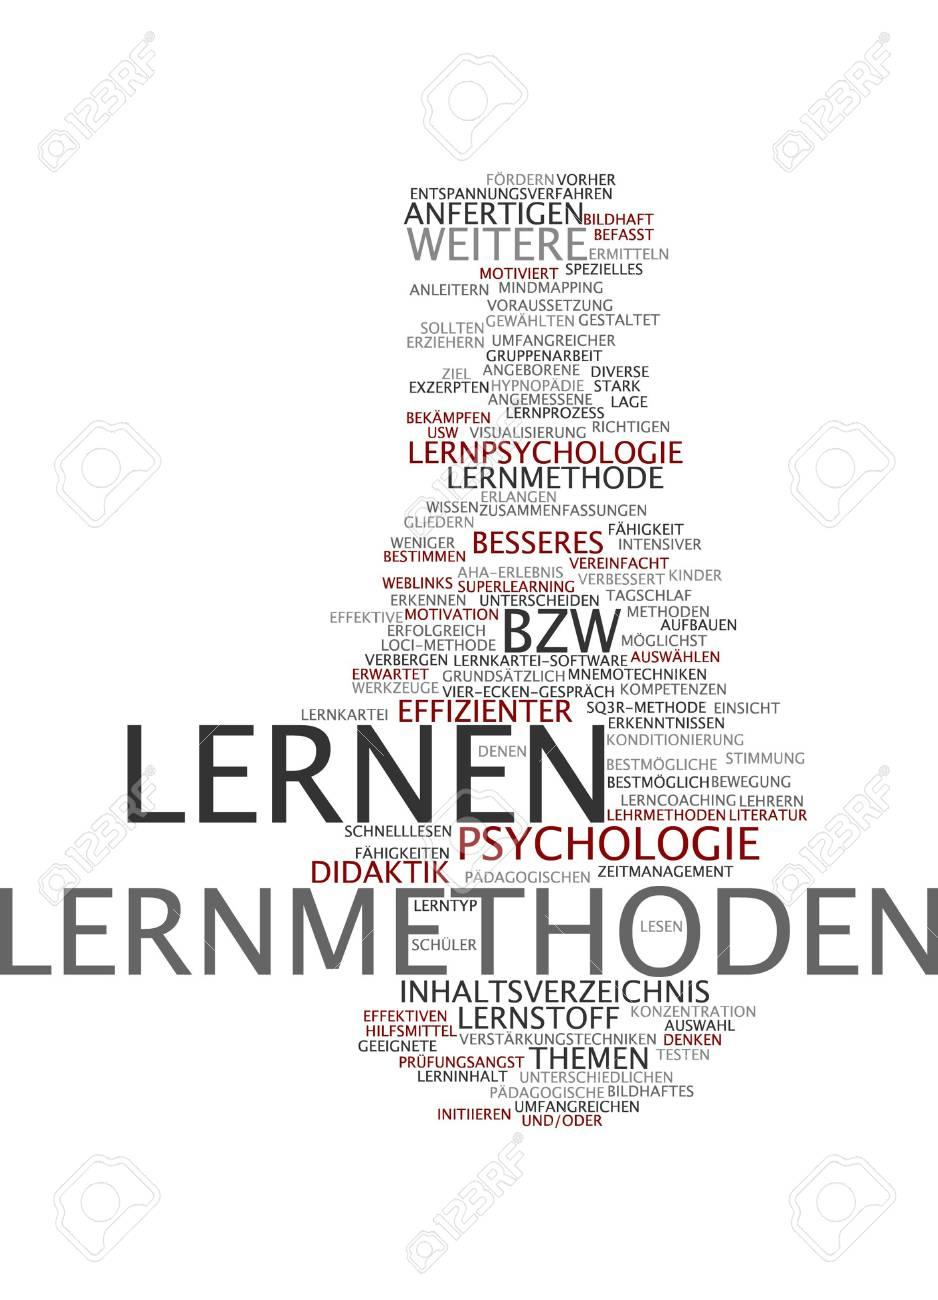 German Methods